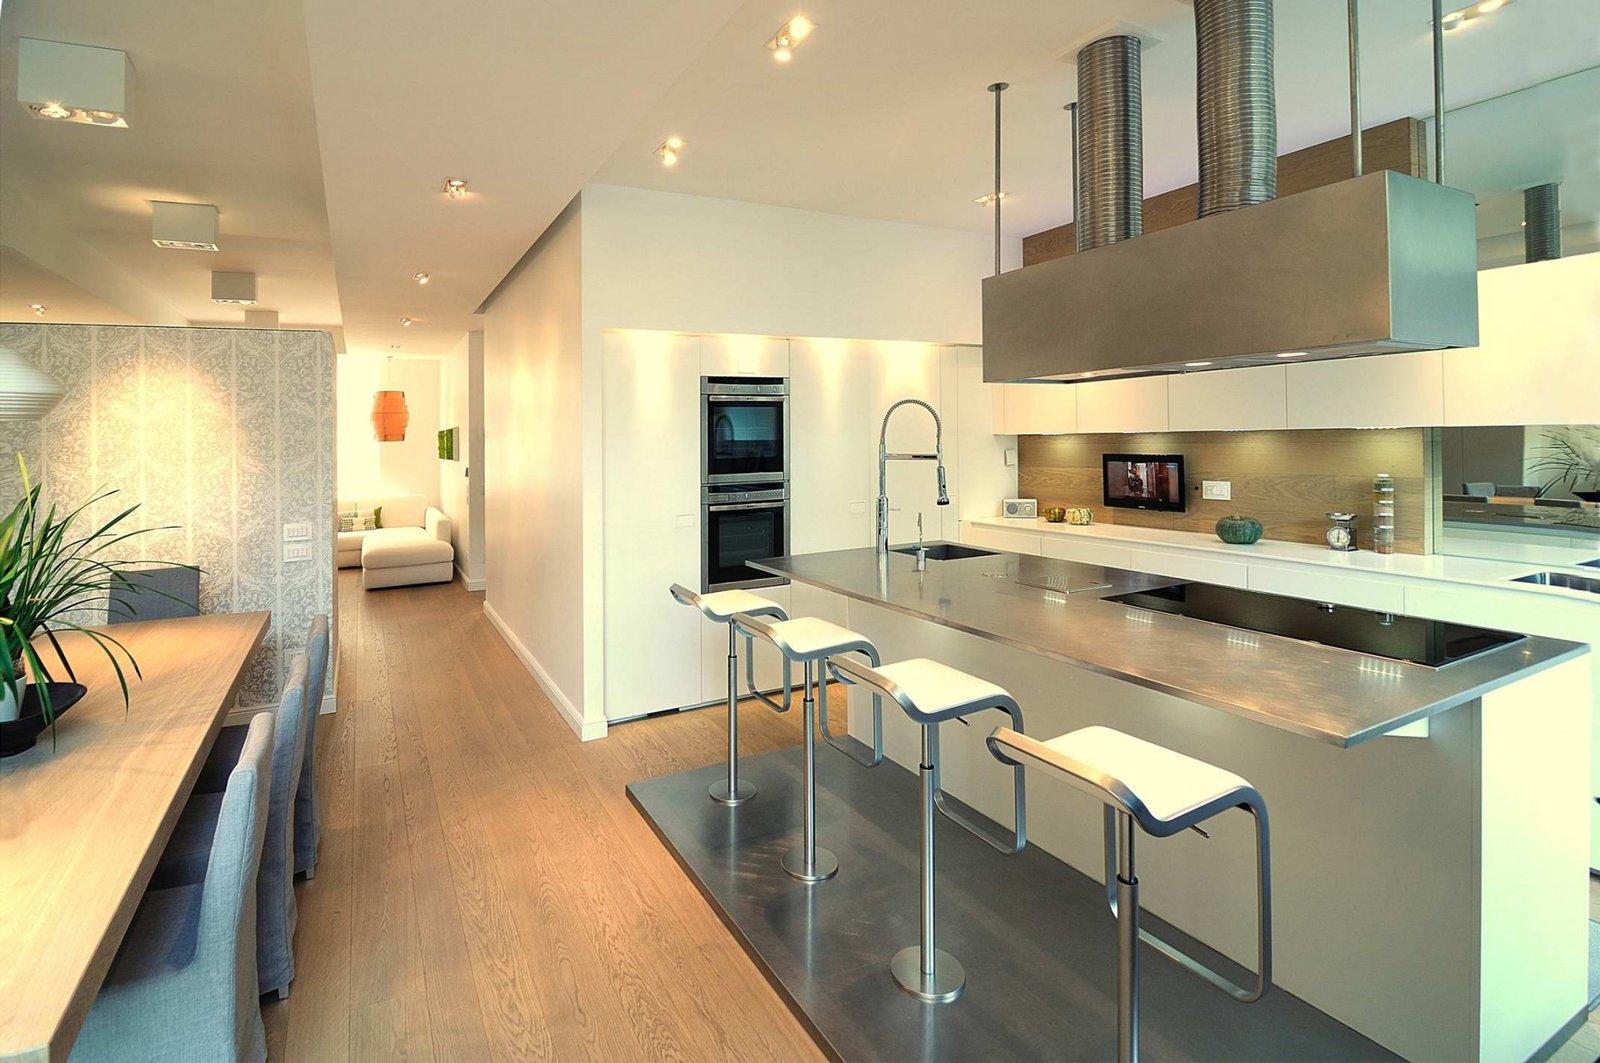 Ristrutturare casa i vantaggi di affidarsi ad un general for Idee ristrutturazione appartamento